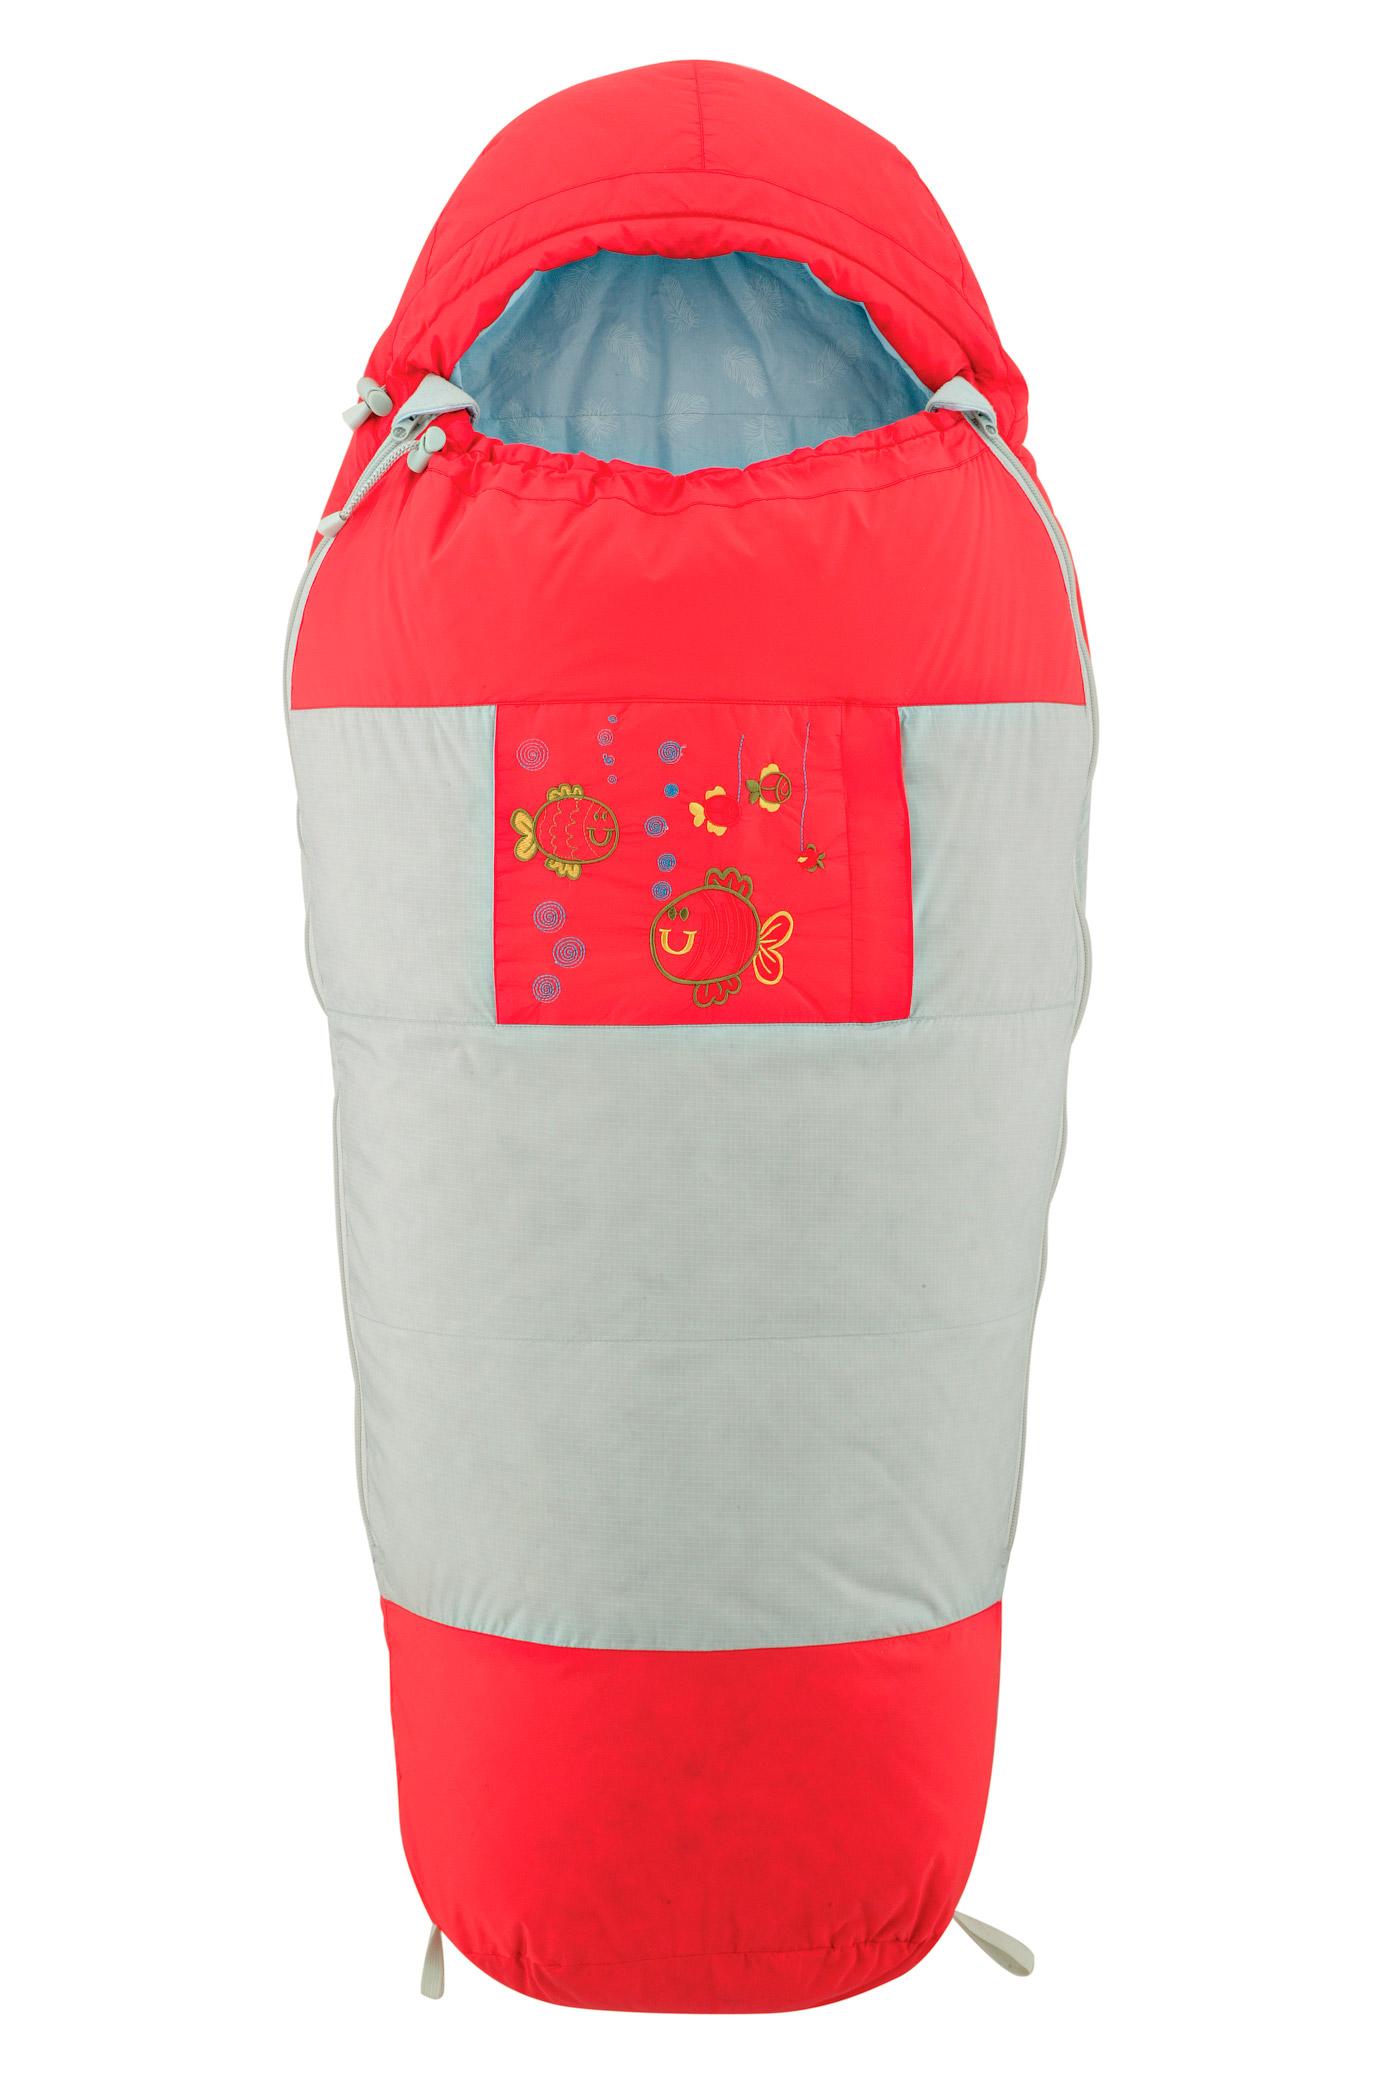 Детский спальный мешок унисекс KIDS BAG V2 1556A-8206 КРАСНЫЙ / СЕРЫЙ